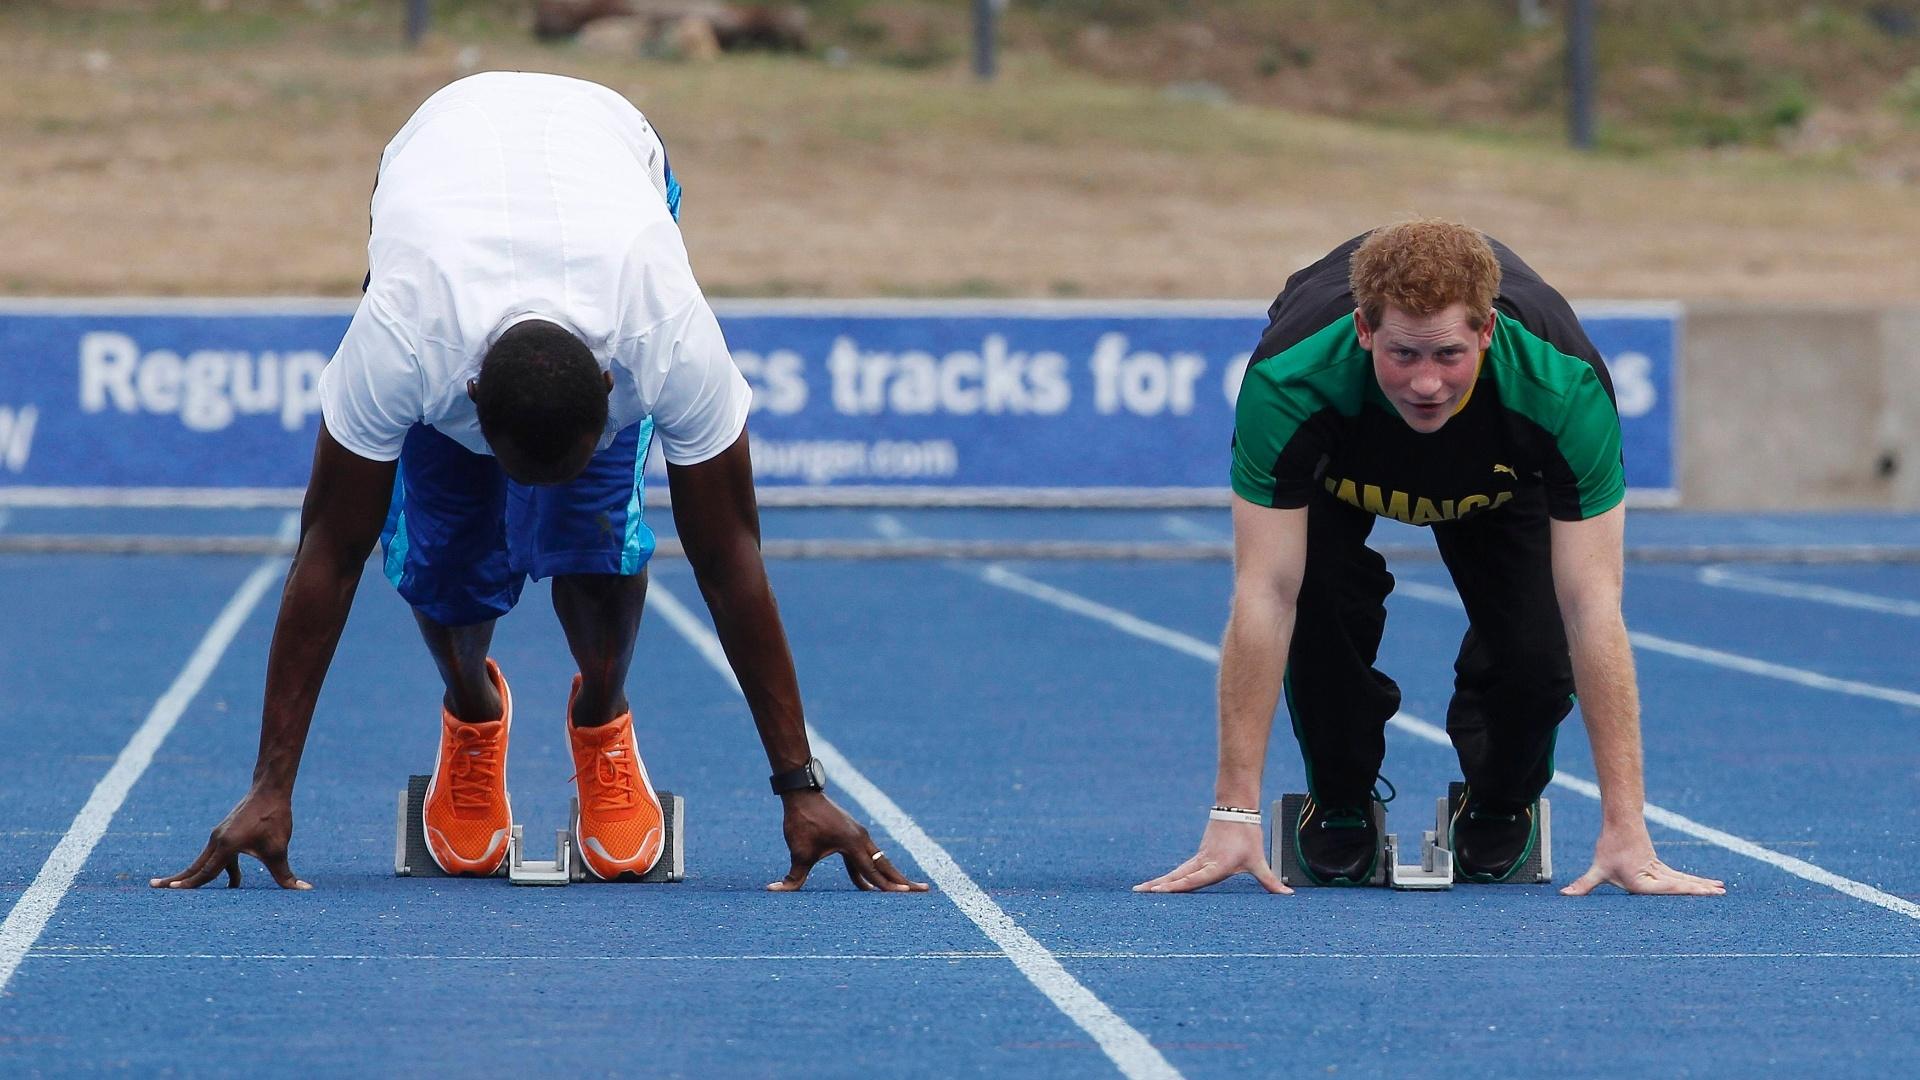 Em visita à Jamaica, o príncipe Harry encarou uma corrida contra Usain Bolt